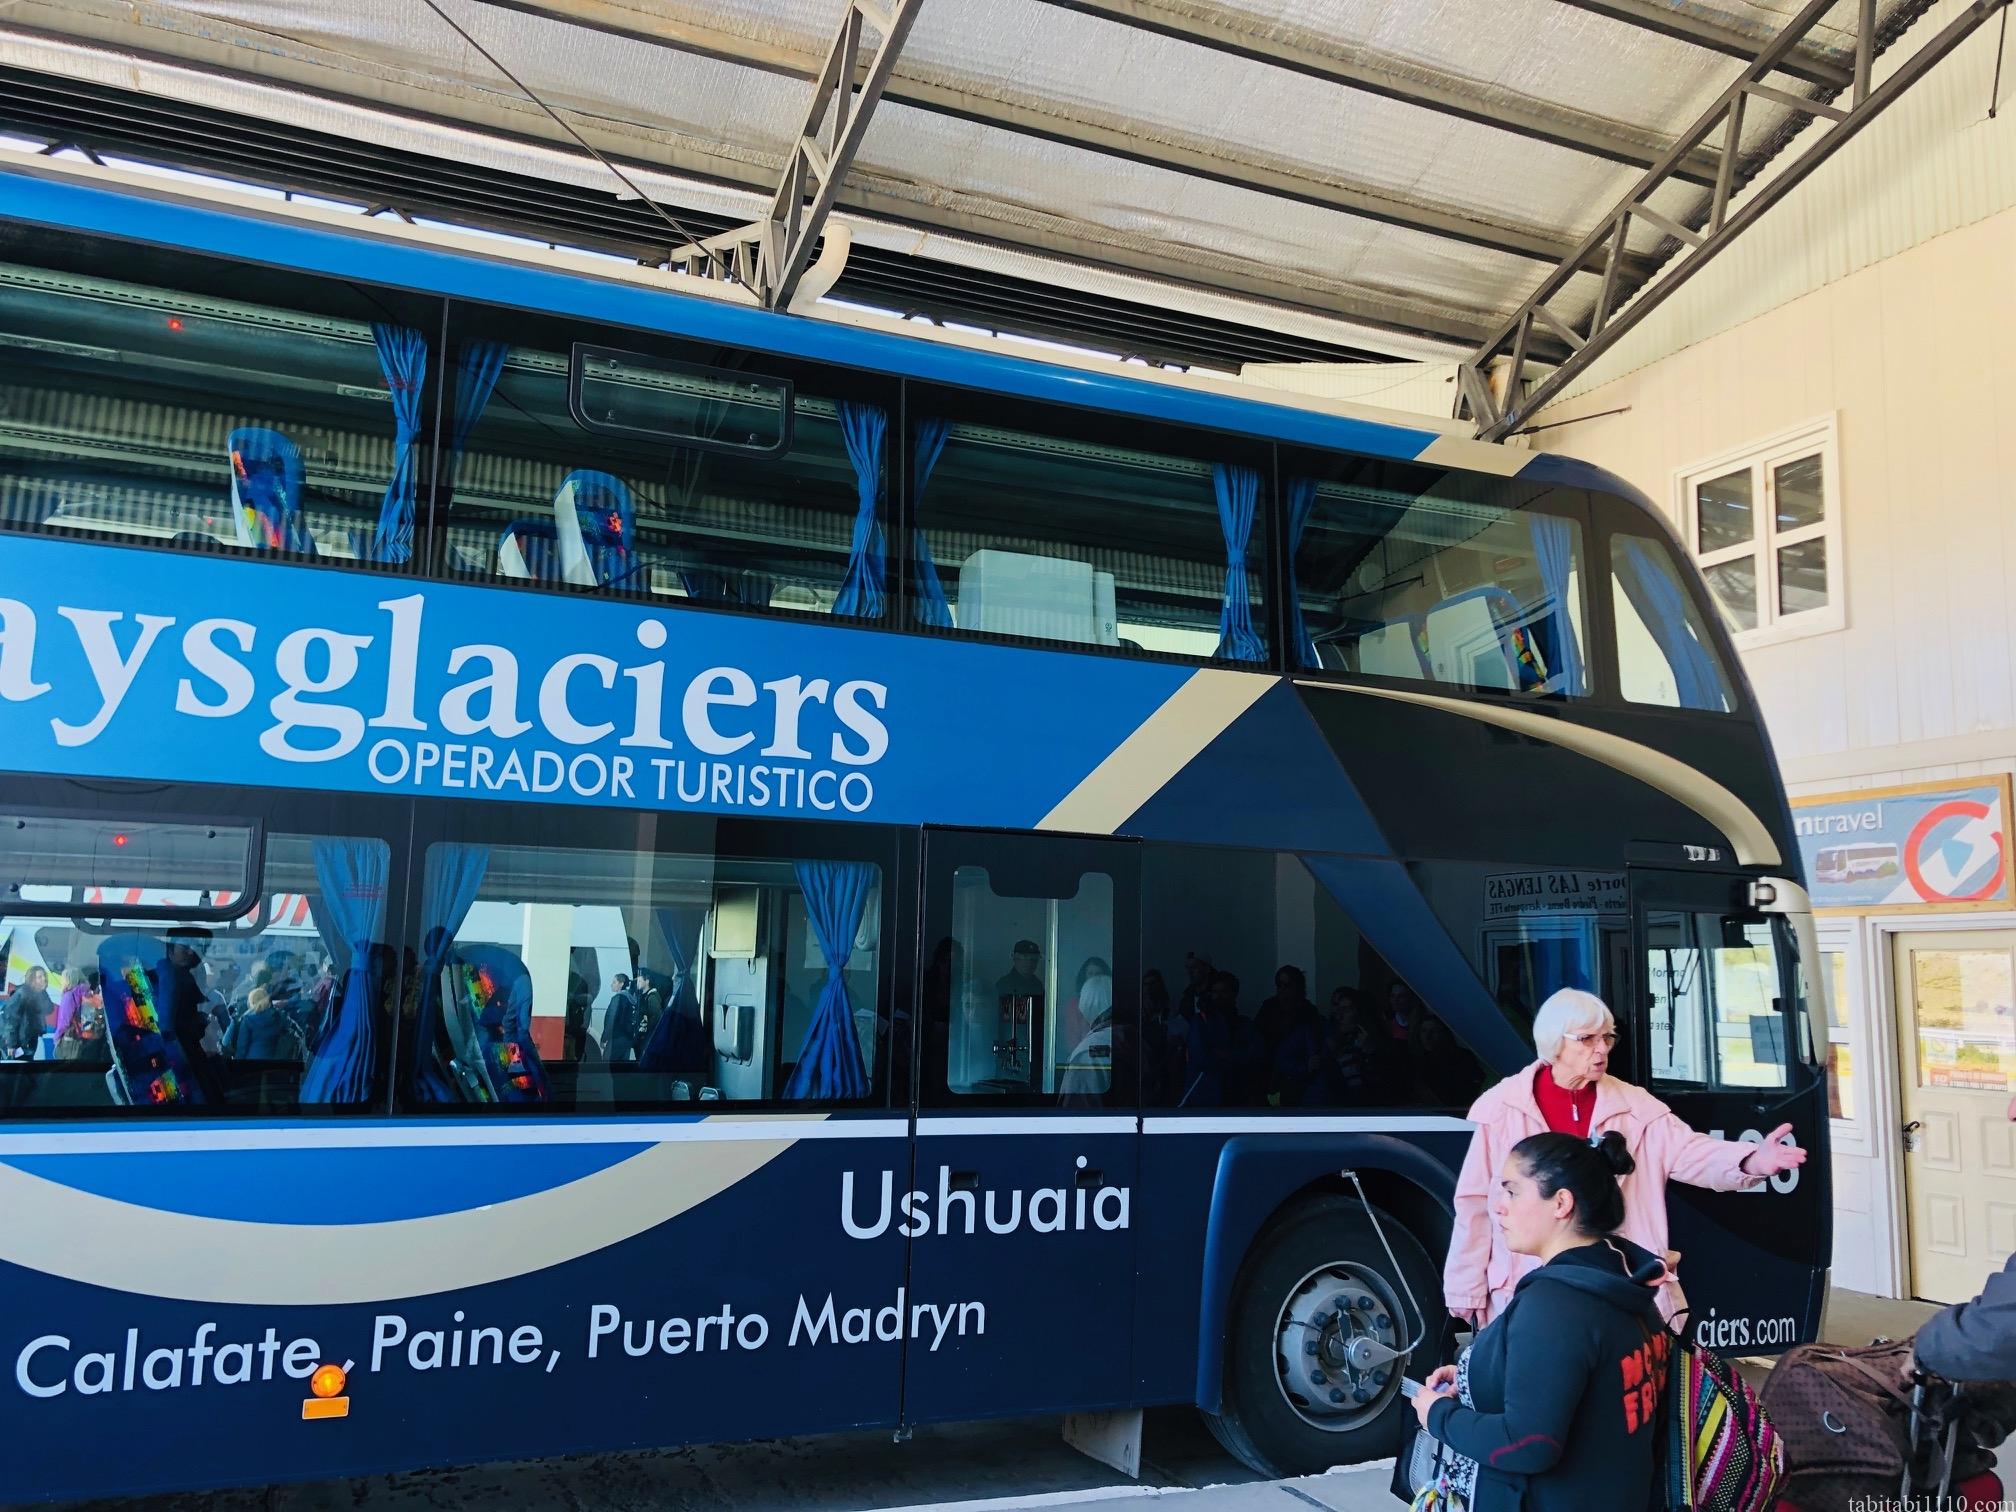 エルチャルテン エルカラファテ バス